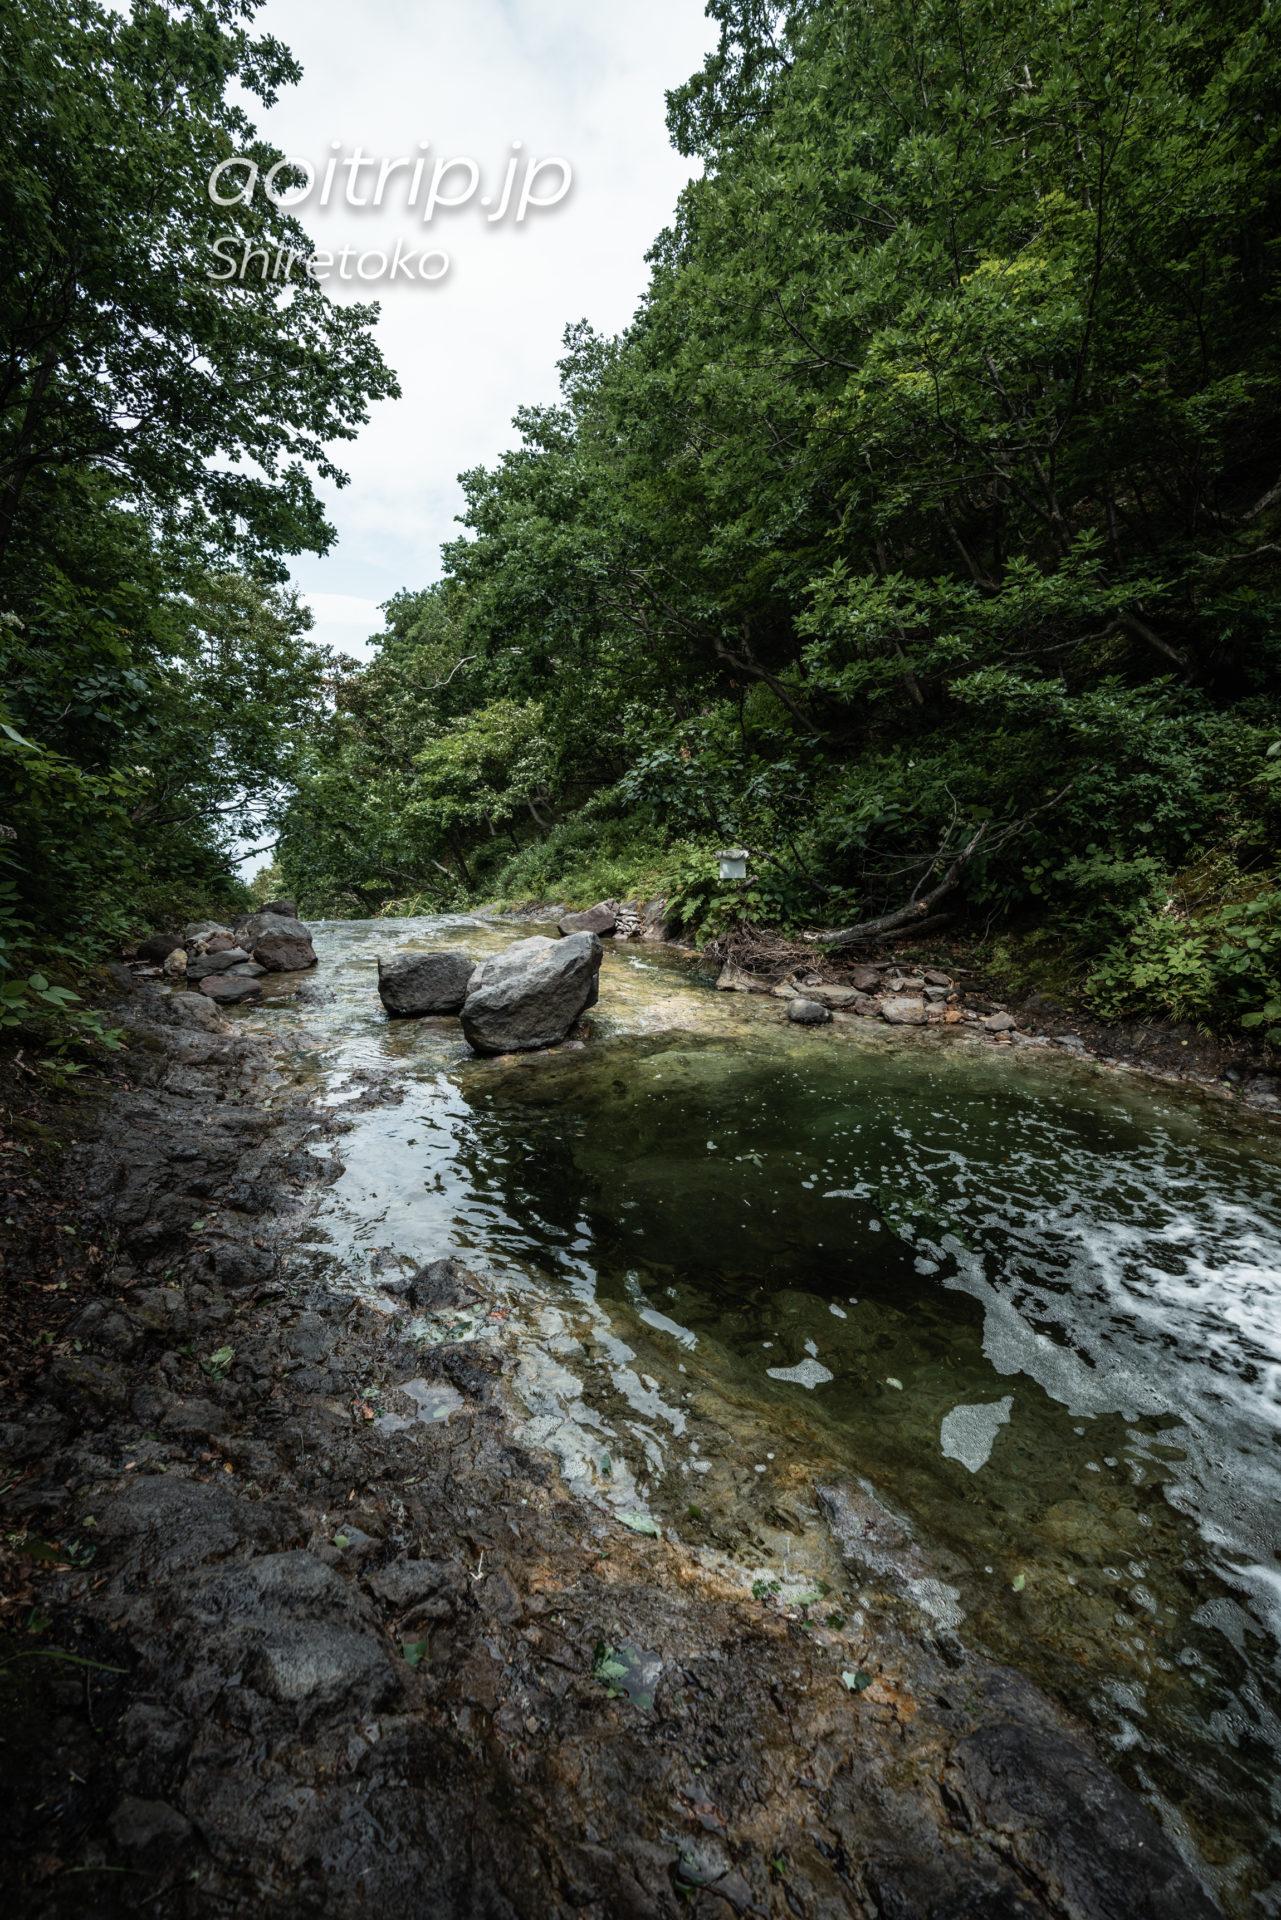 カムイワッカ湯の滝(Kamuiwakka Hot Falls)